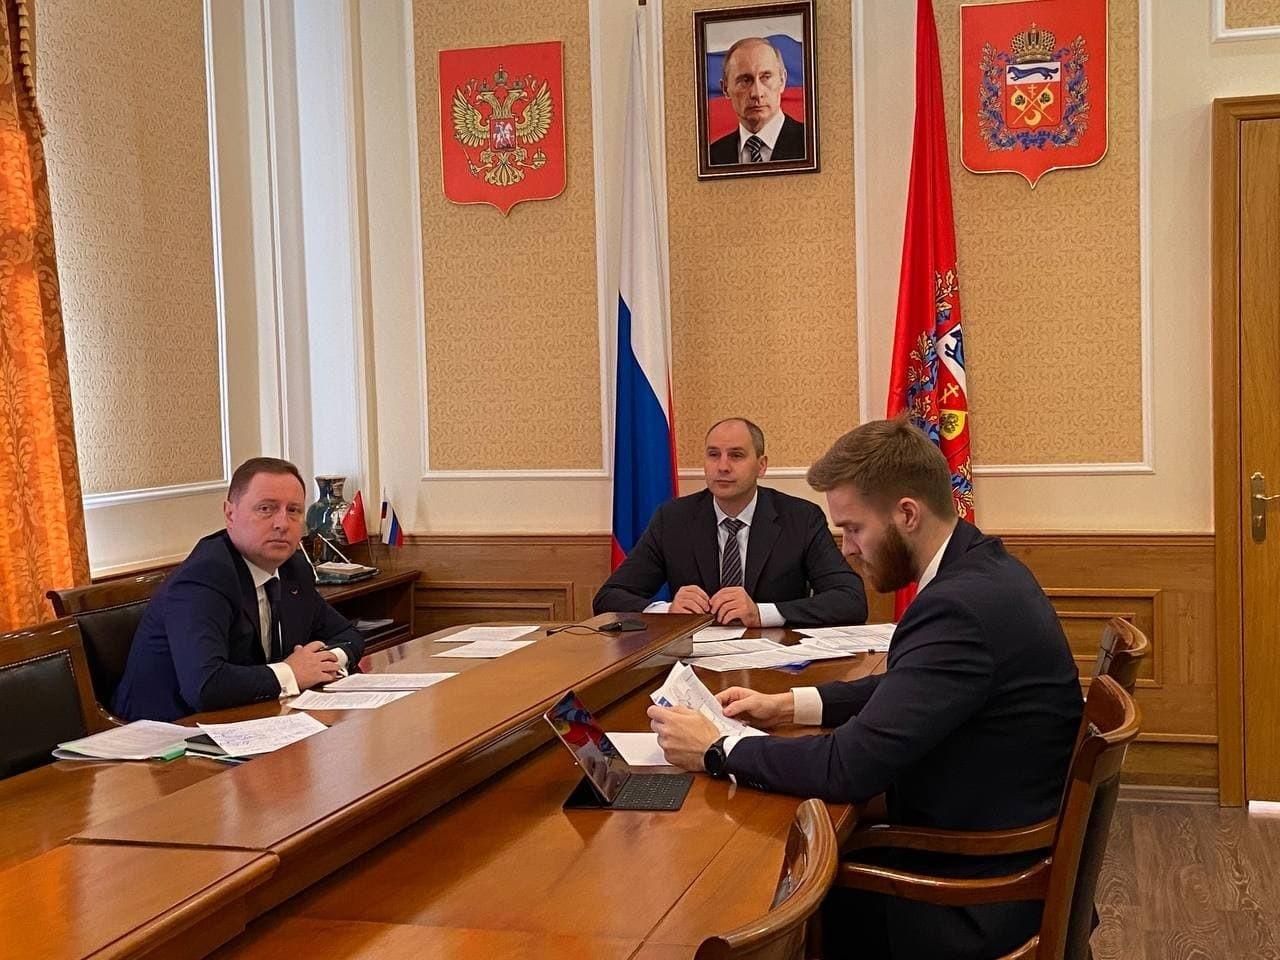 Фото: Администрация Оренбургской области